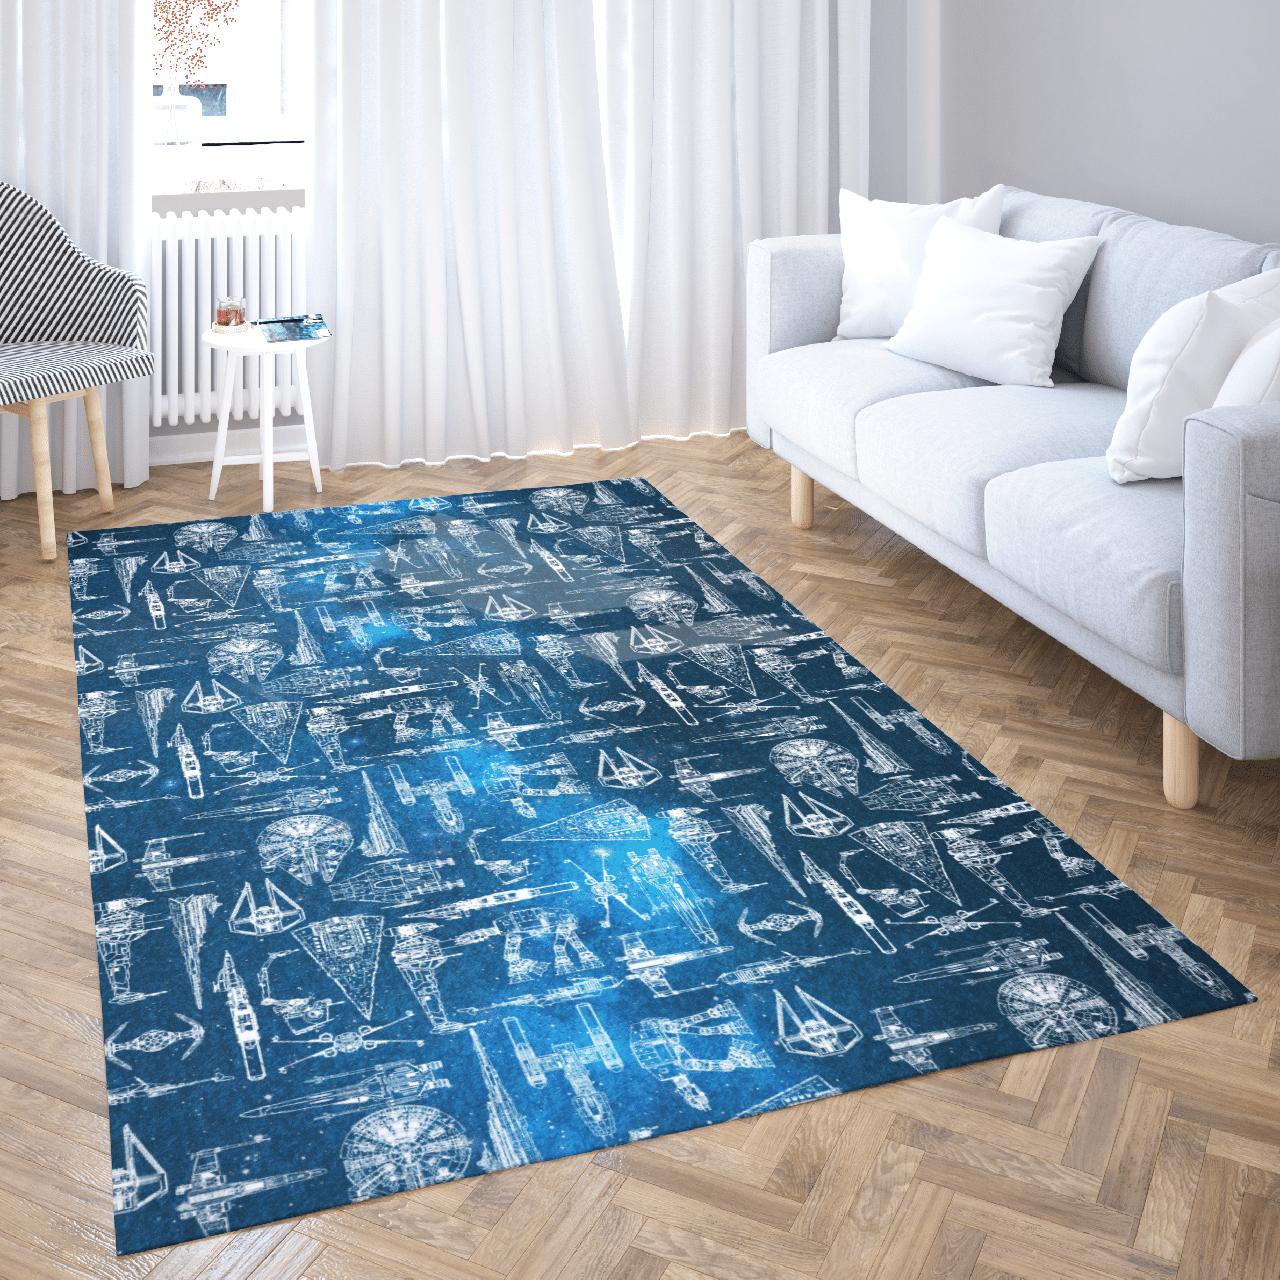 Star Wars spaceship rug